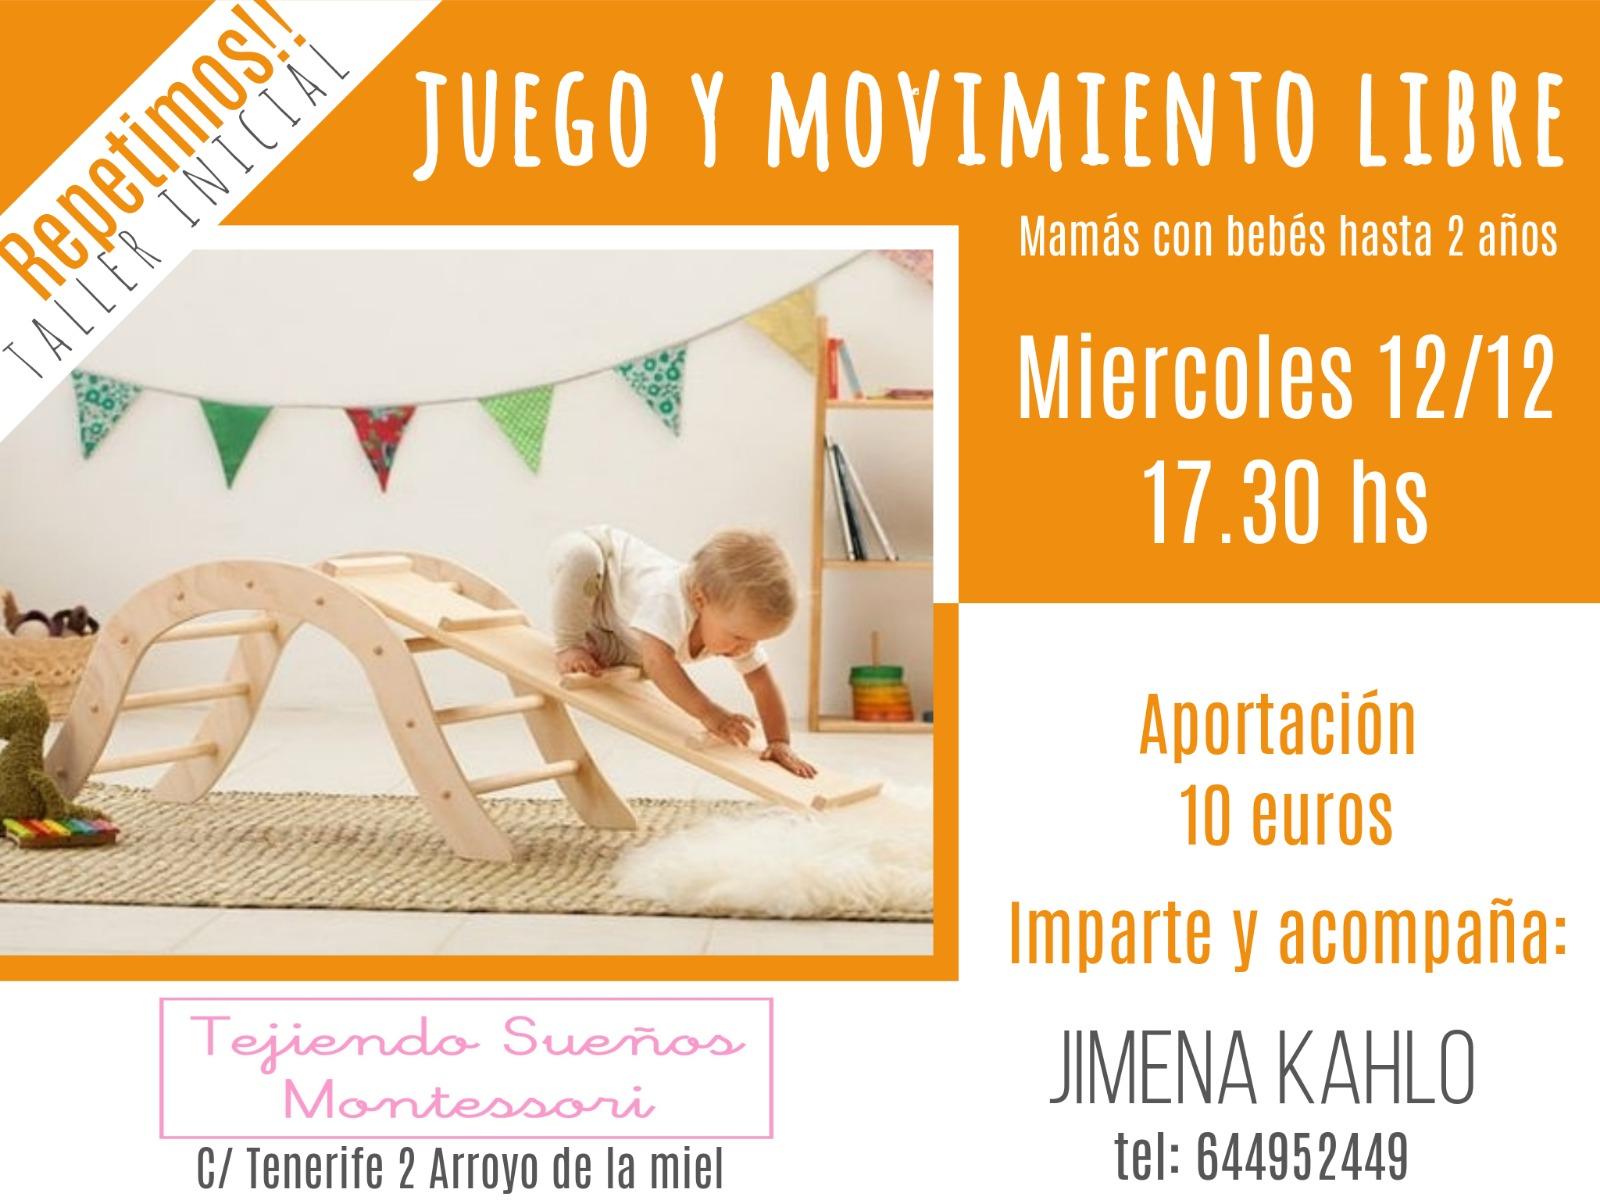 Segundo taller inicial Juego y Movimiento Libre - Mamás con bebés - Organiza La Ludoteca El Escondite